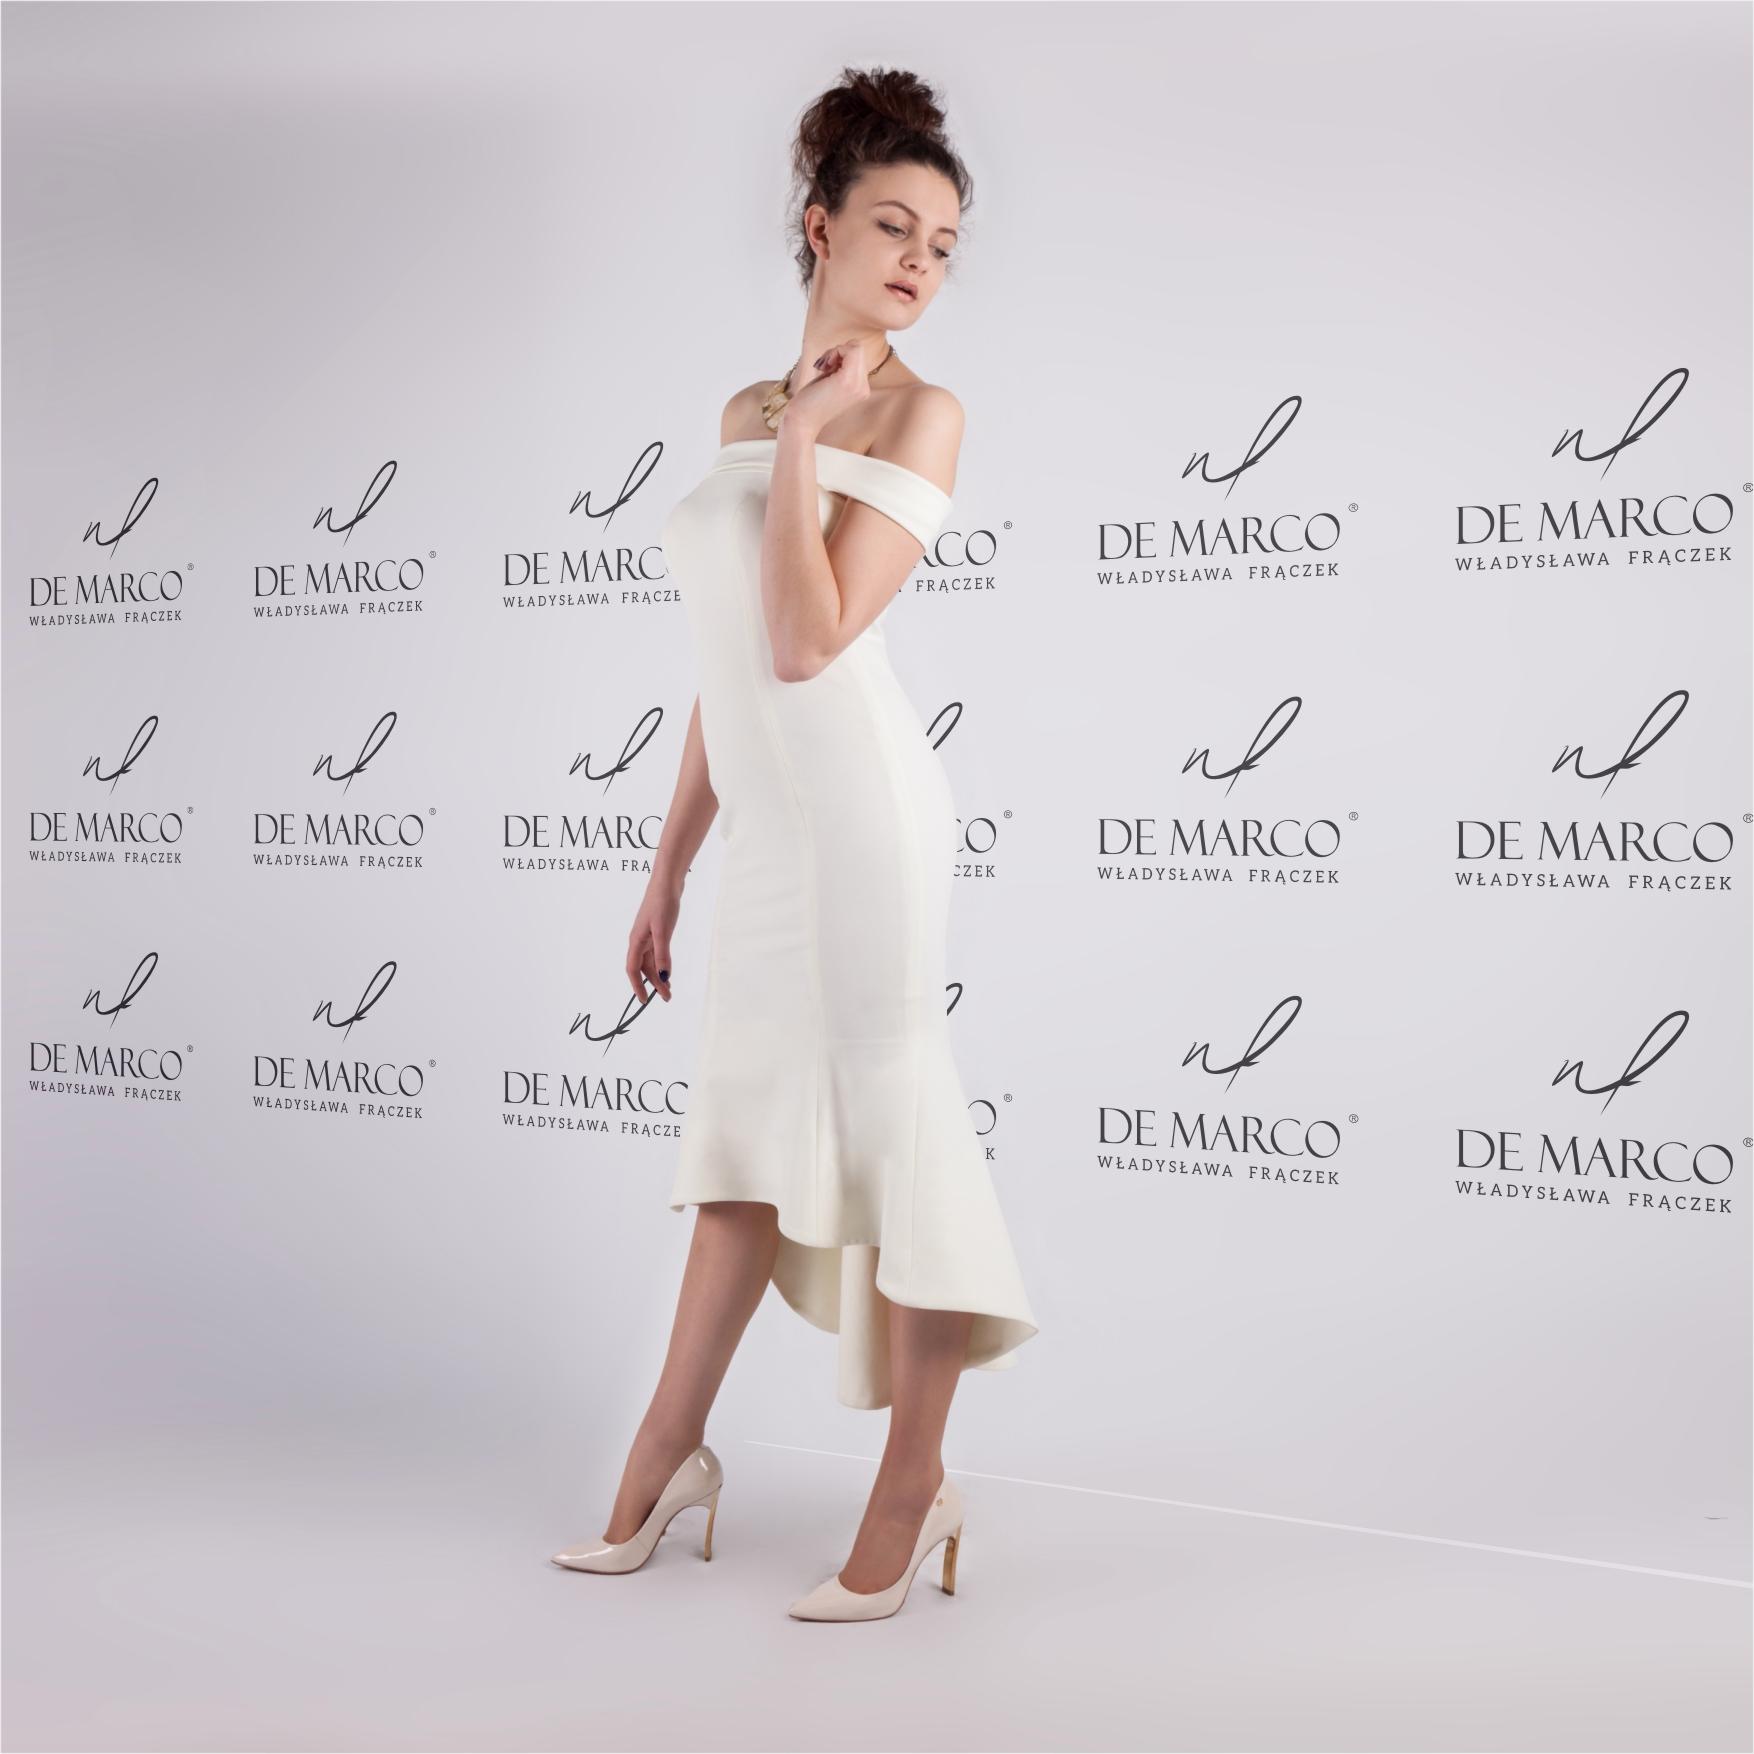 Asymetryczna suknia ślubna szyta na miarę u projektantki. Sklep internetowy De Marco.